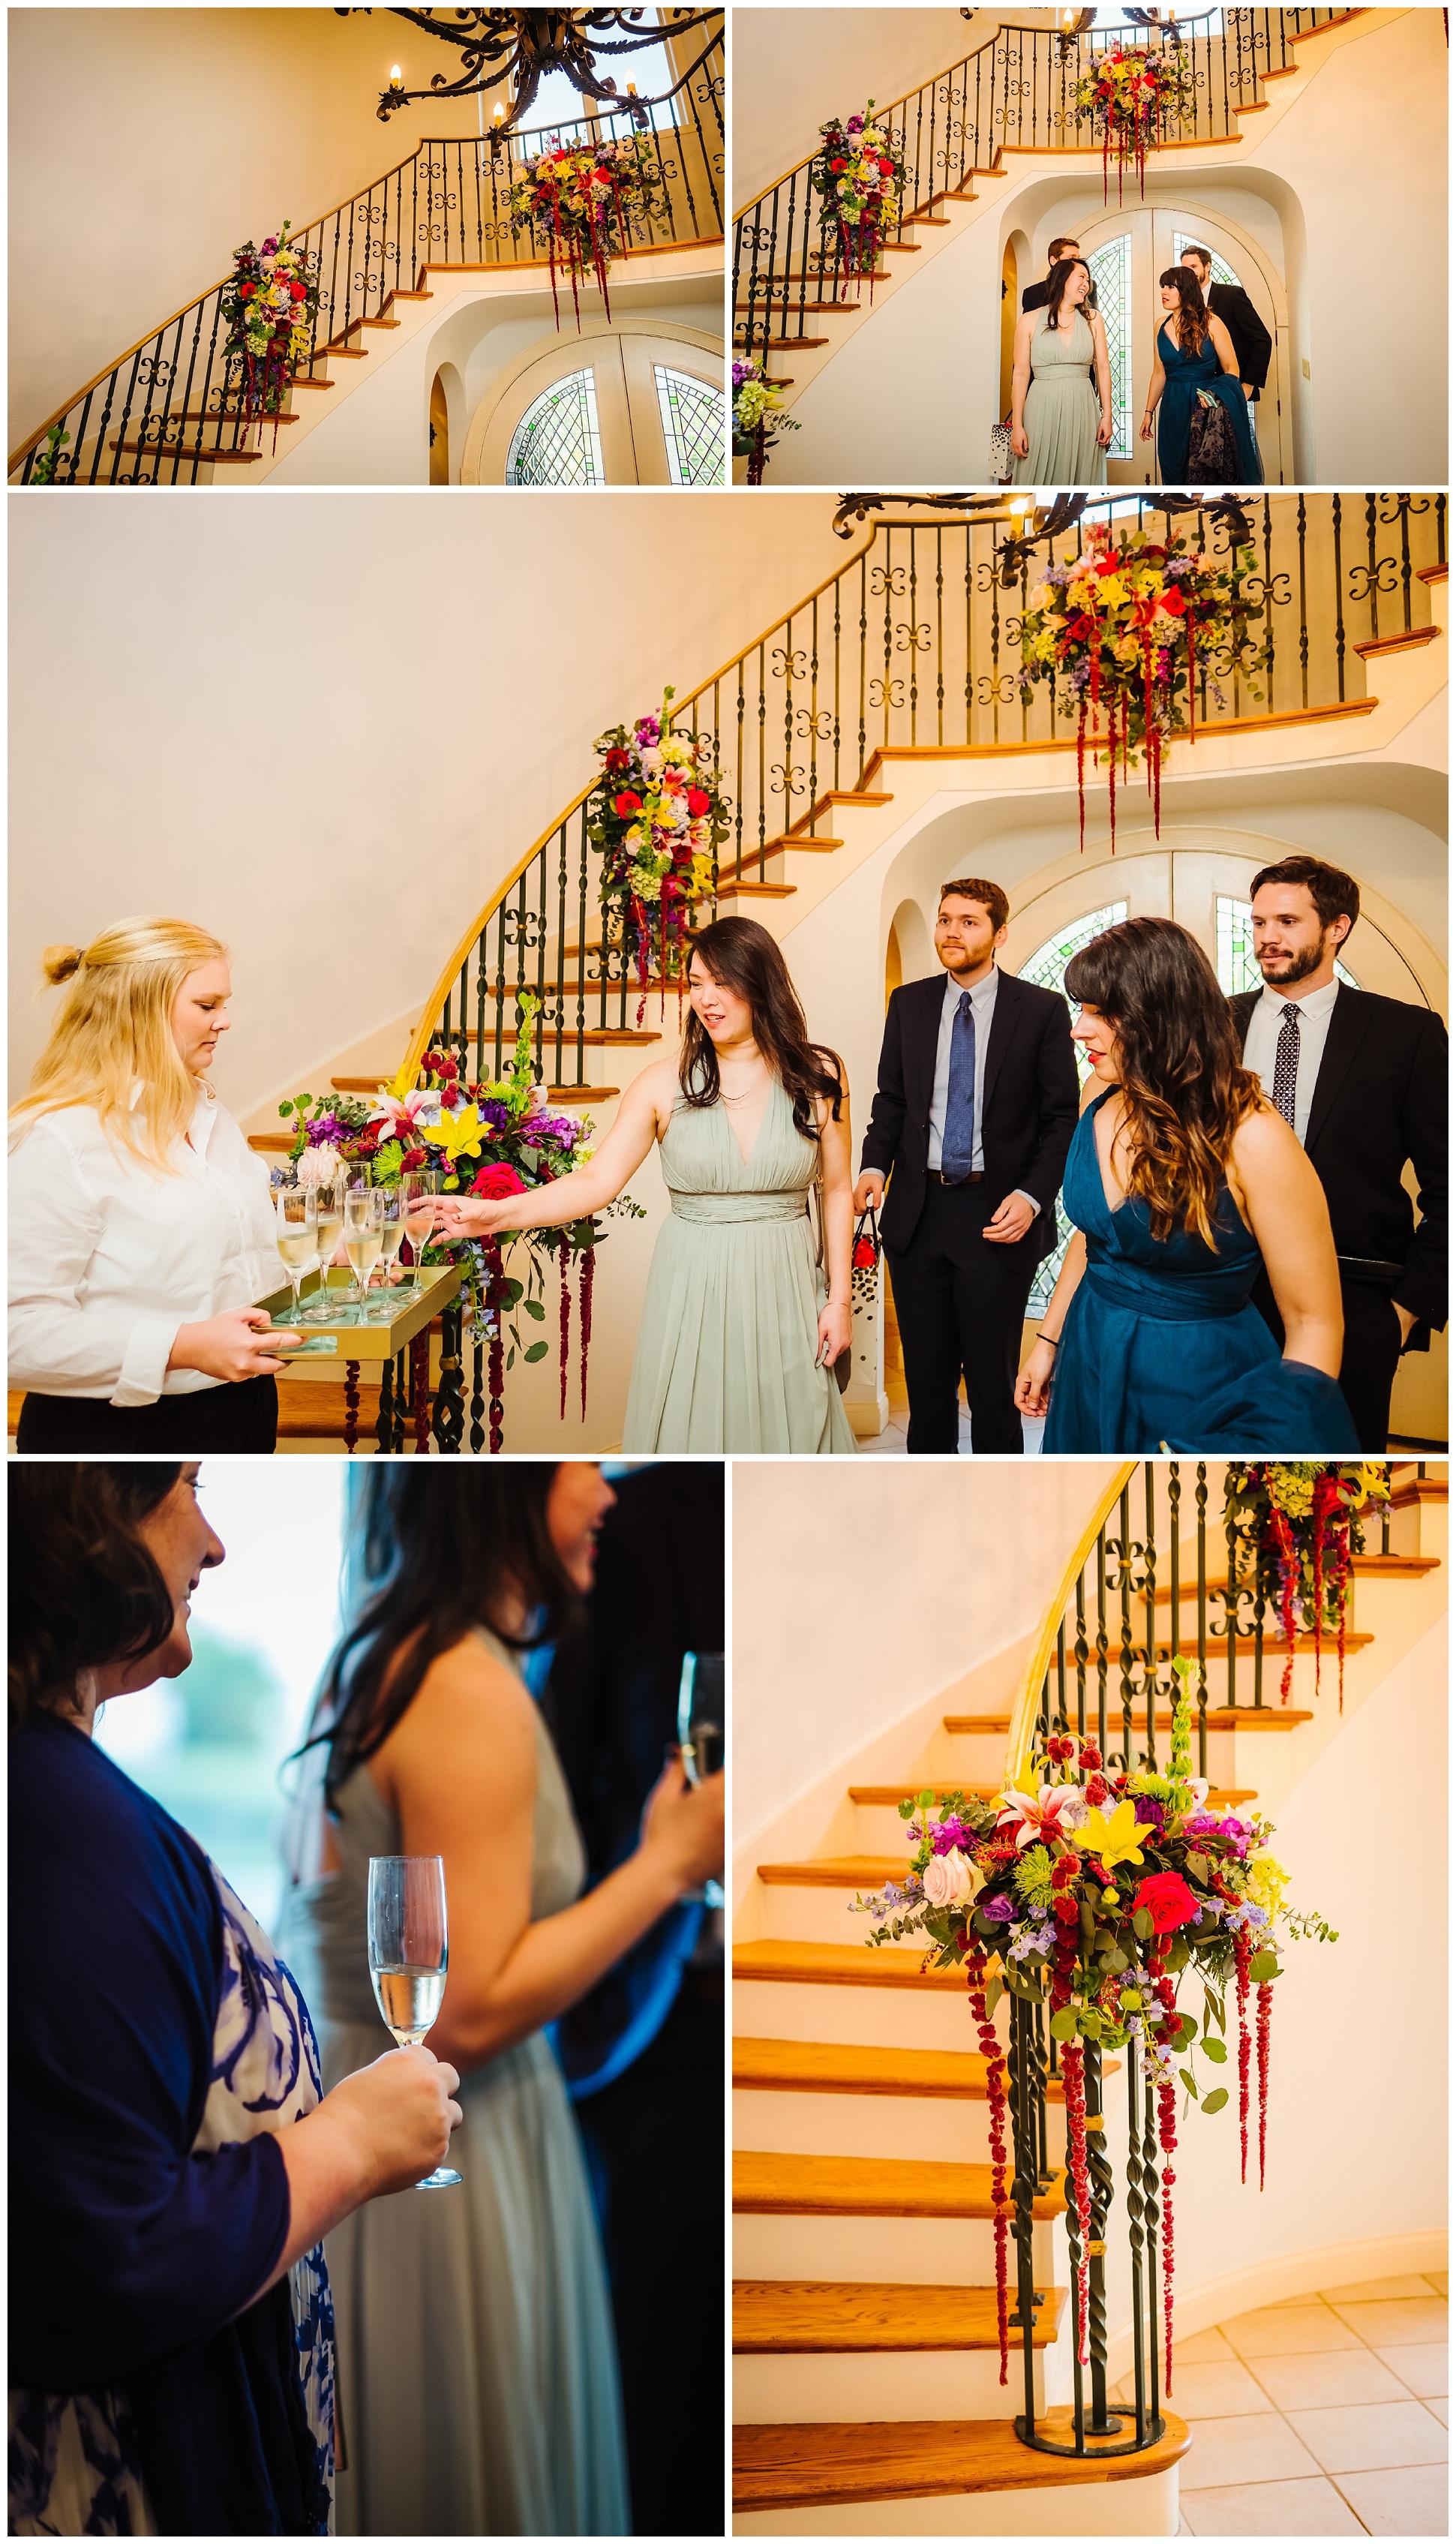 tierra-verde-st-pete-florida-home-luxury-wedding-greenery-pink-pixie-bride_0045.jpg